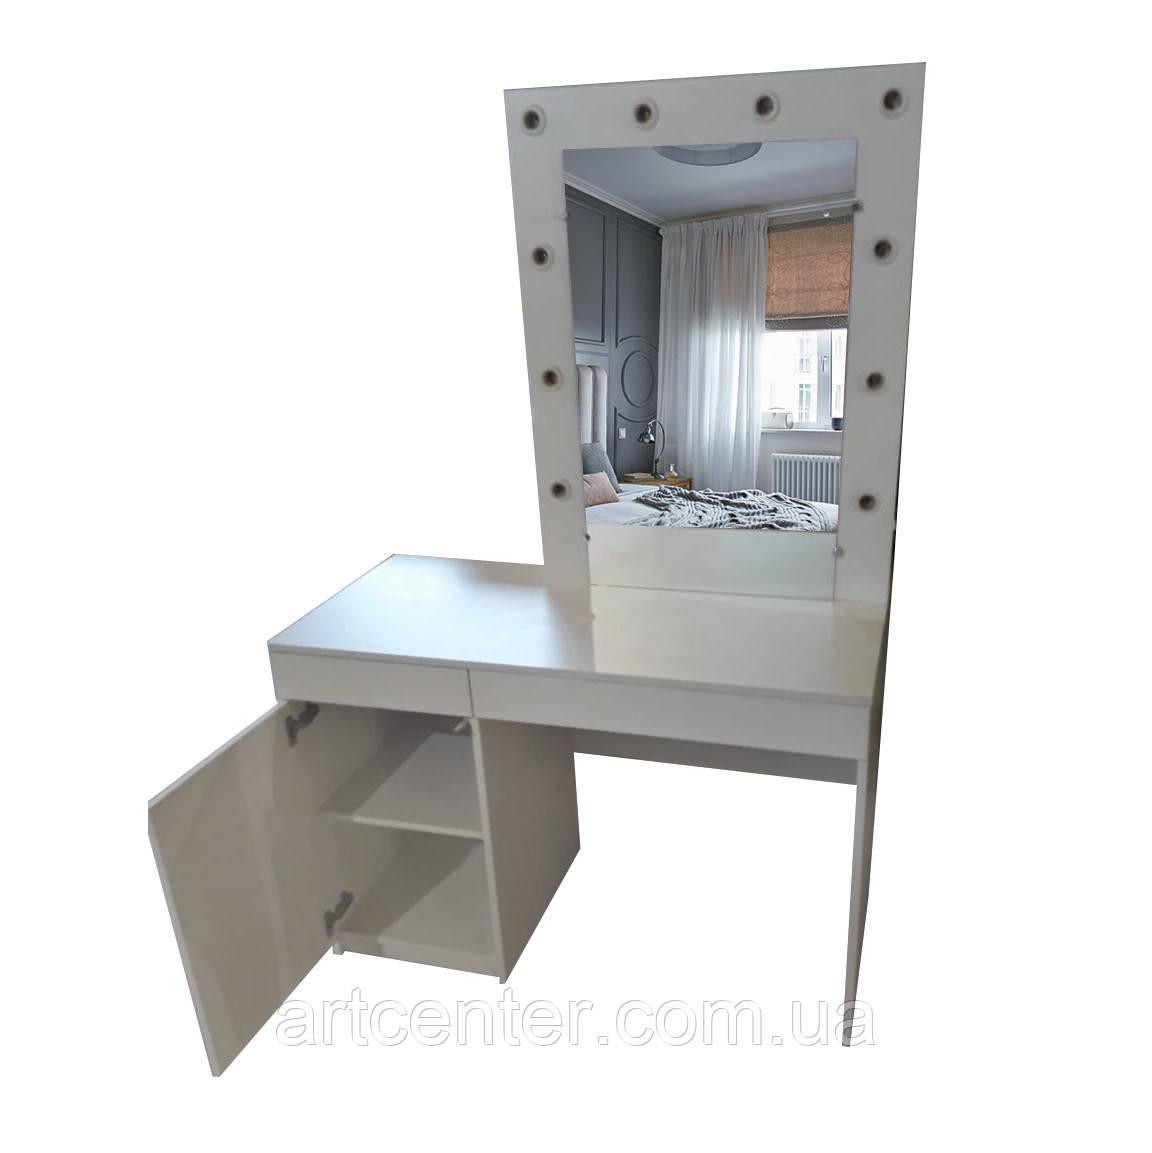 Гримерный стіл з дзеркалом та підсвічуванням для салону краси